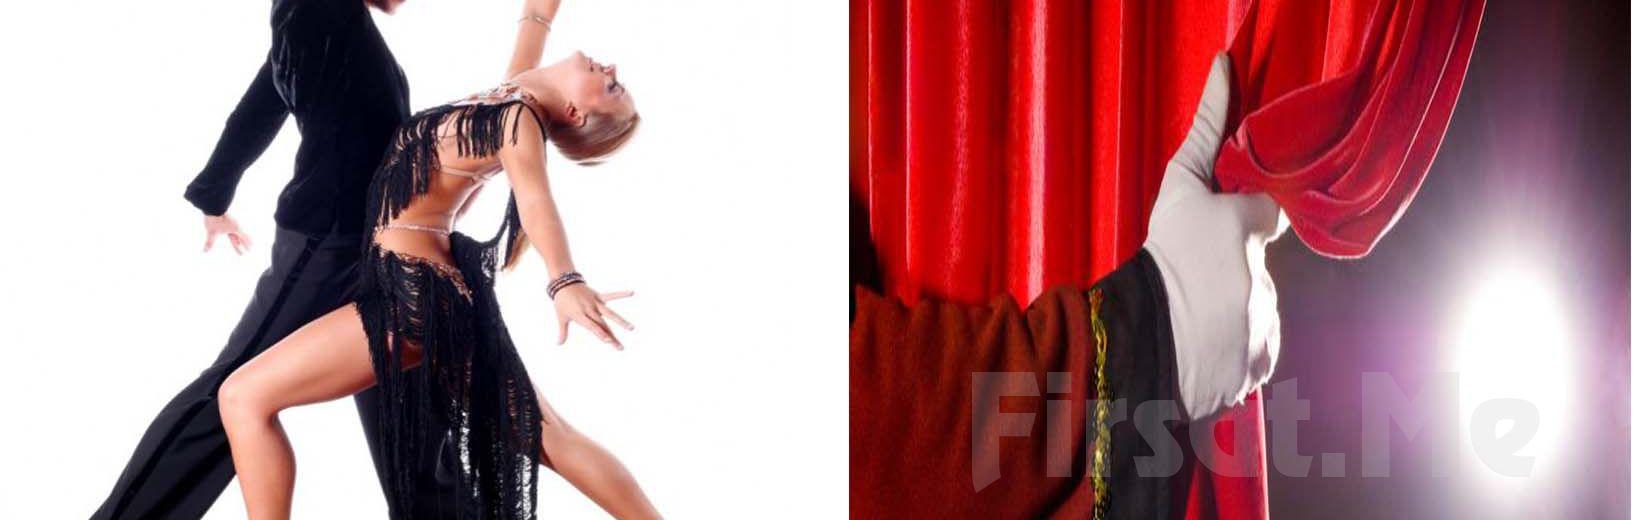 Carpe Diem Tiyatro Sahne 24 Saatlik Dans ve Tiyatro Kursları